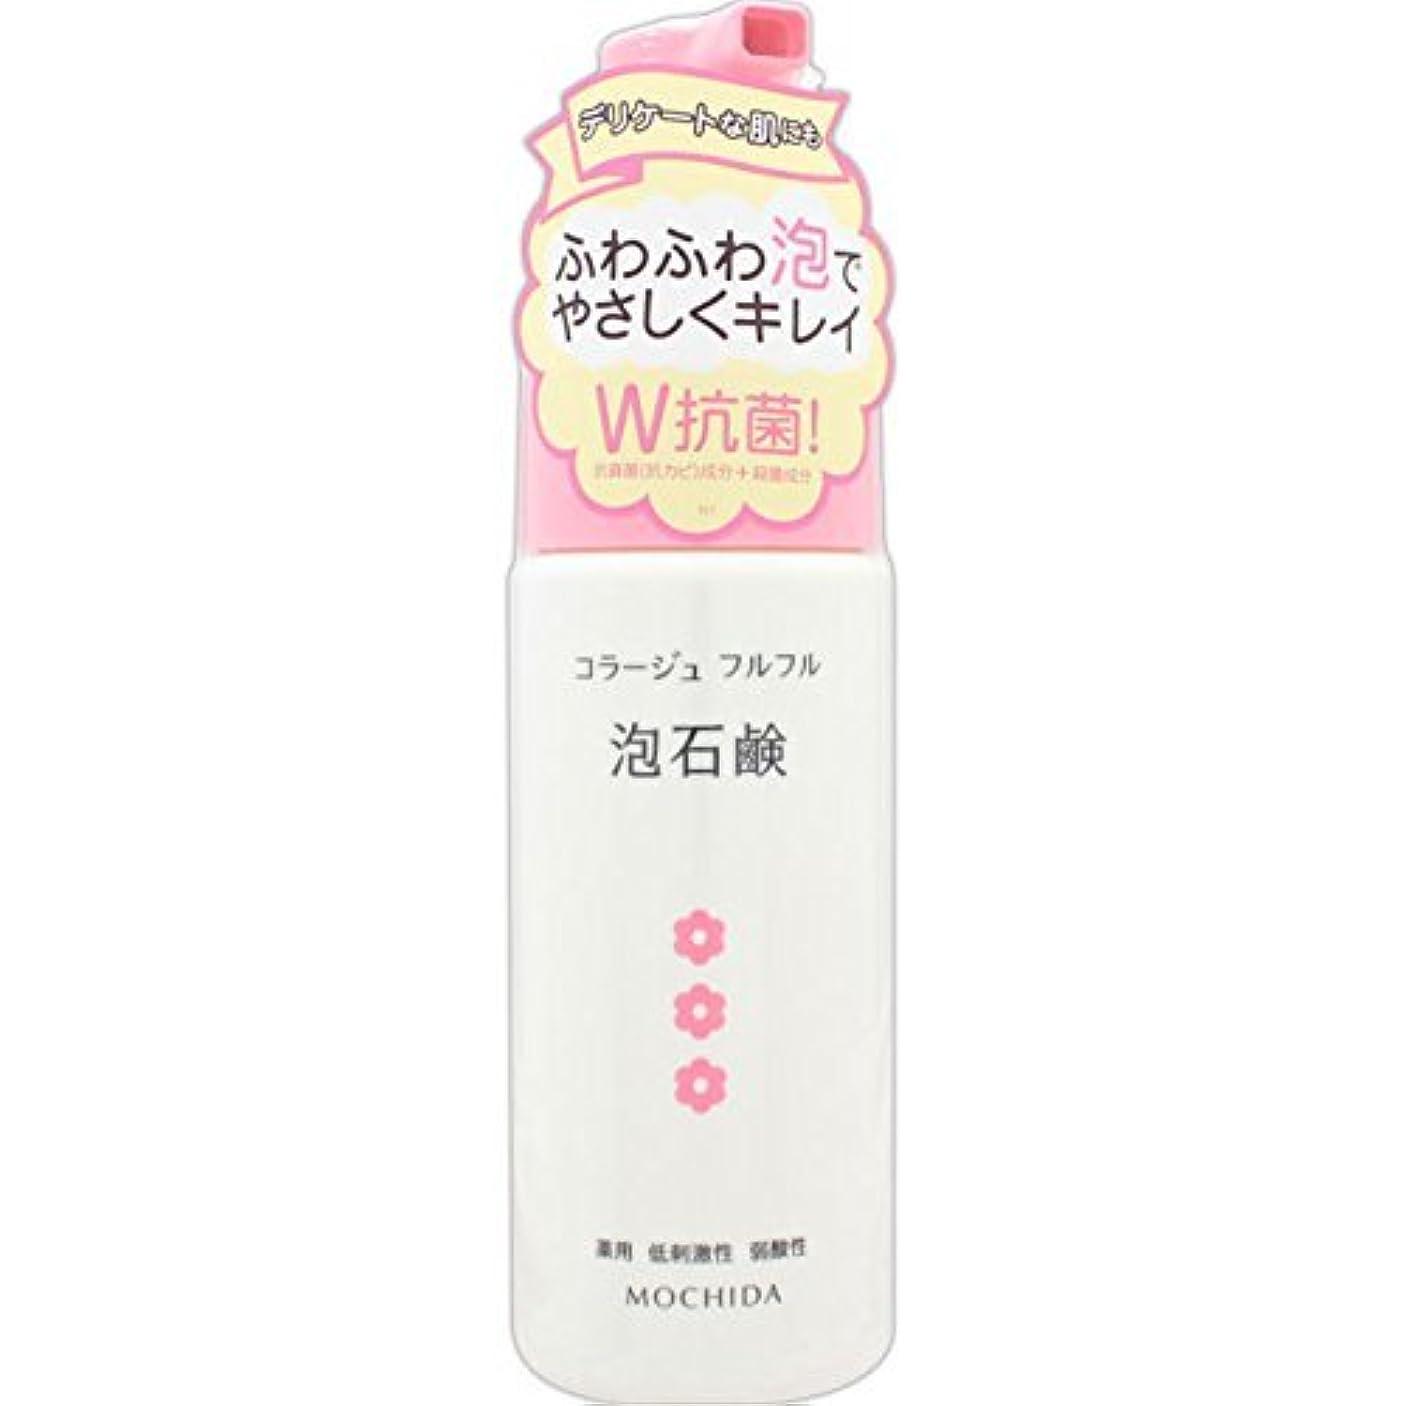 修羅場永遠に愛人コラージュフルフル 泡石鹸 ピンク 150mL (医薬部外品) ×9